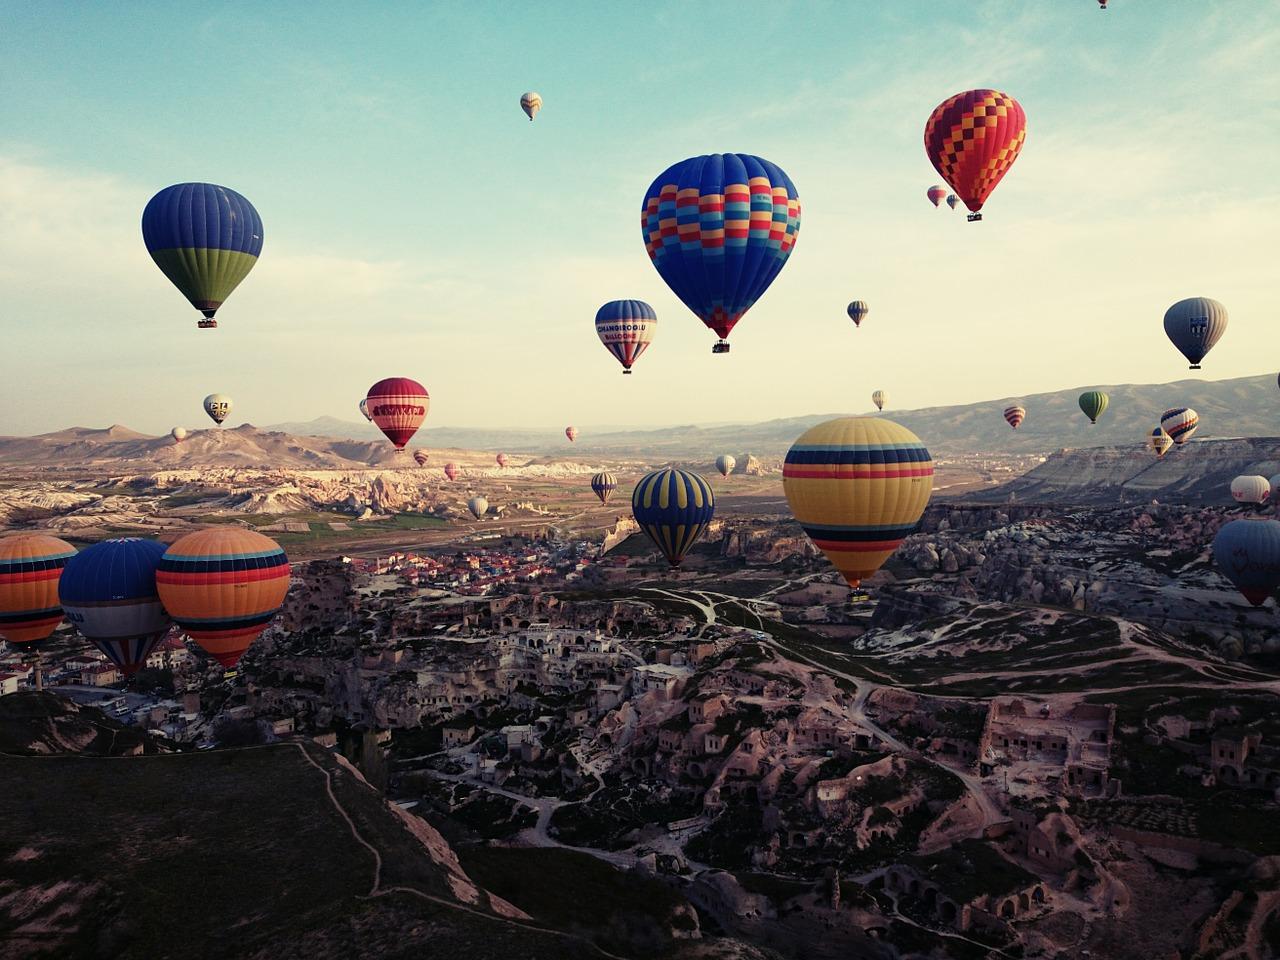 cappadocia-805624_1280